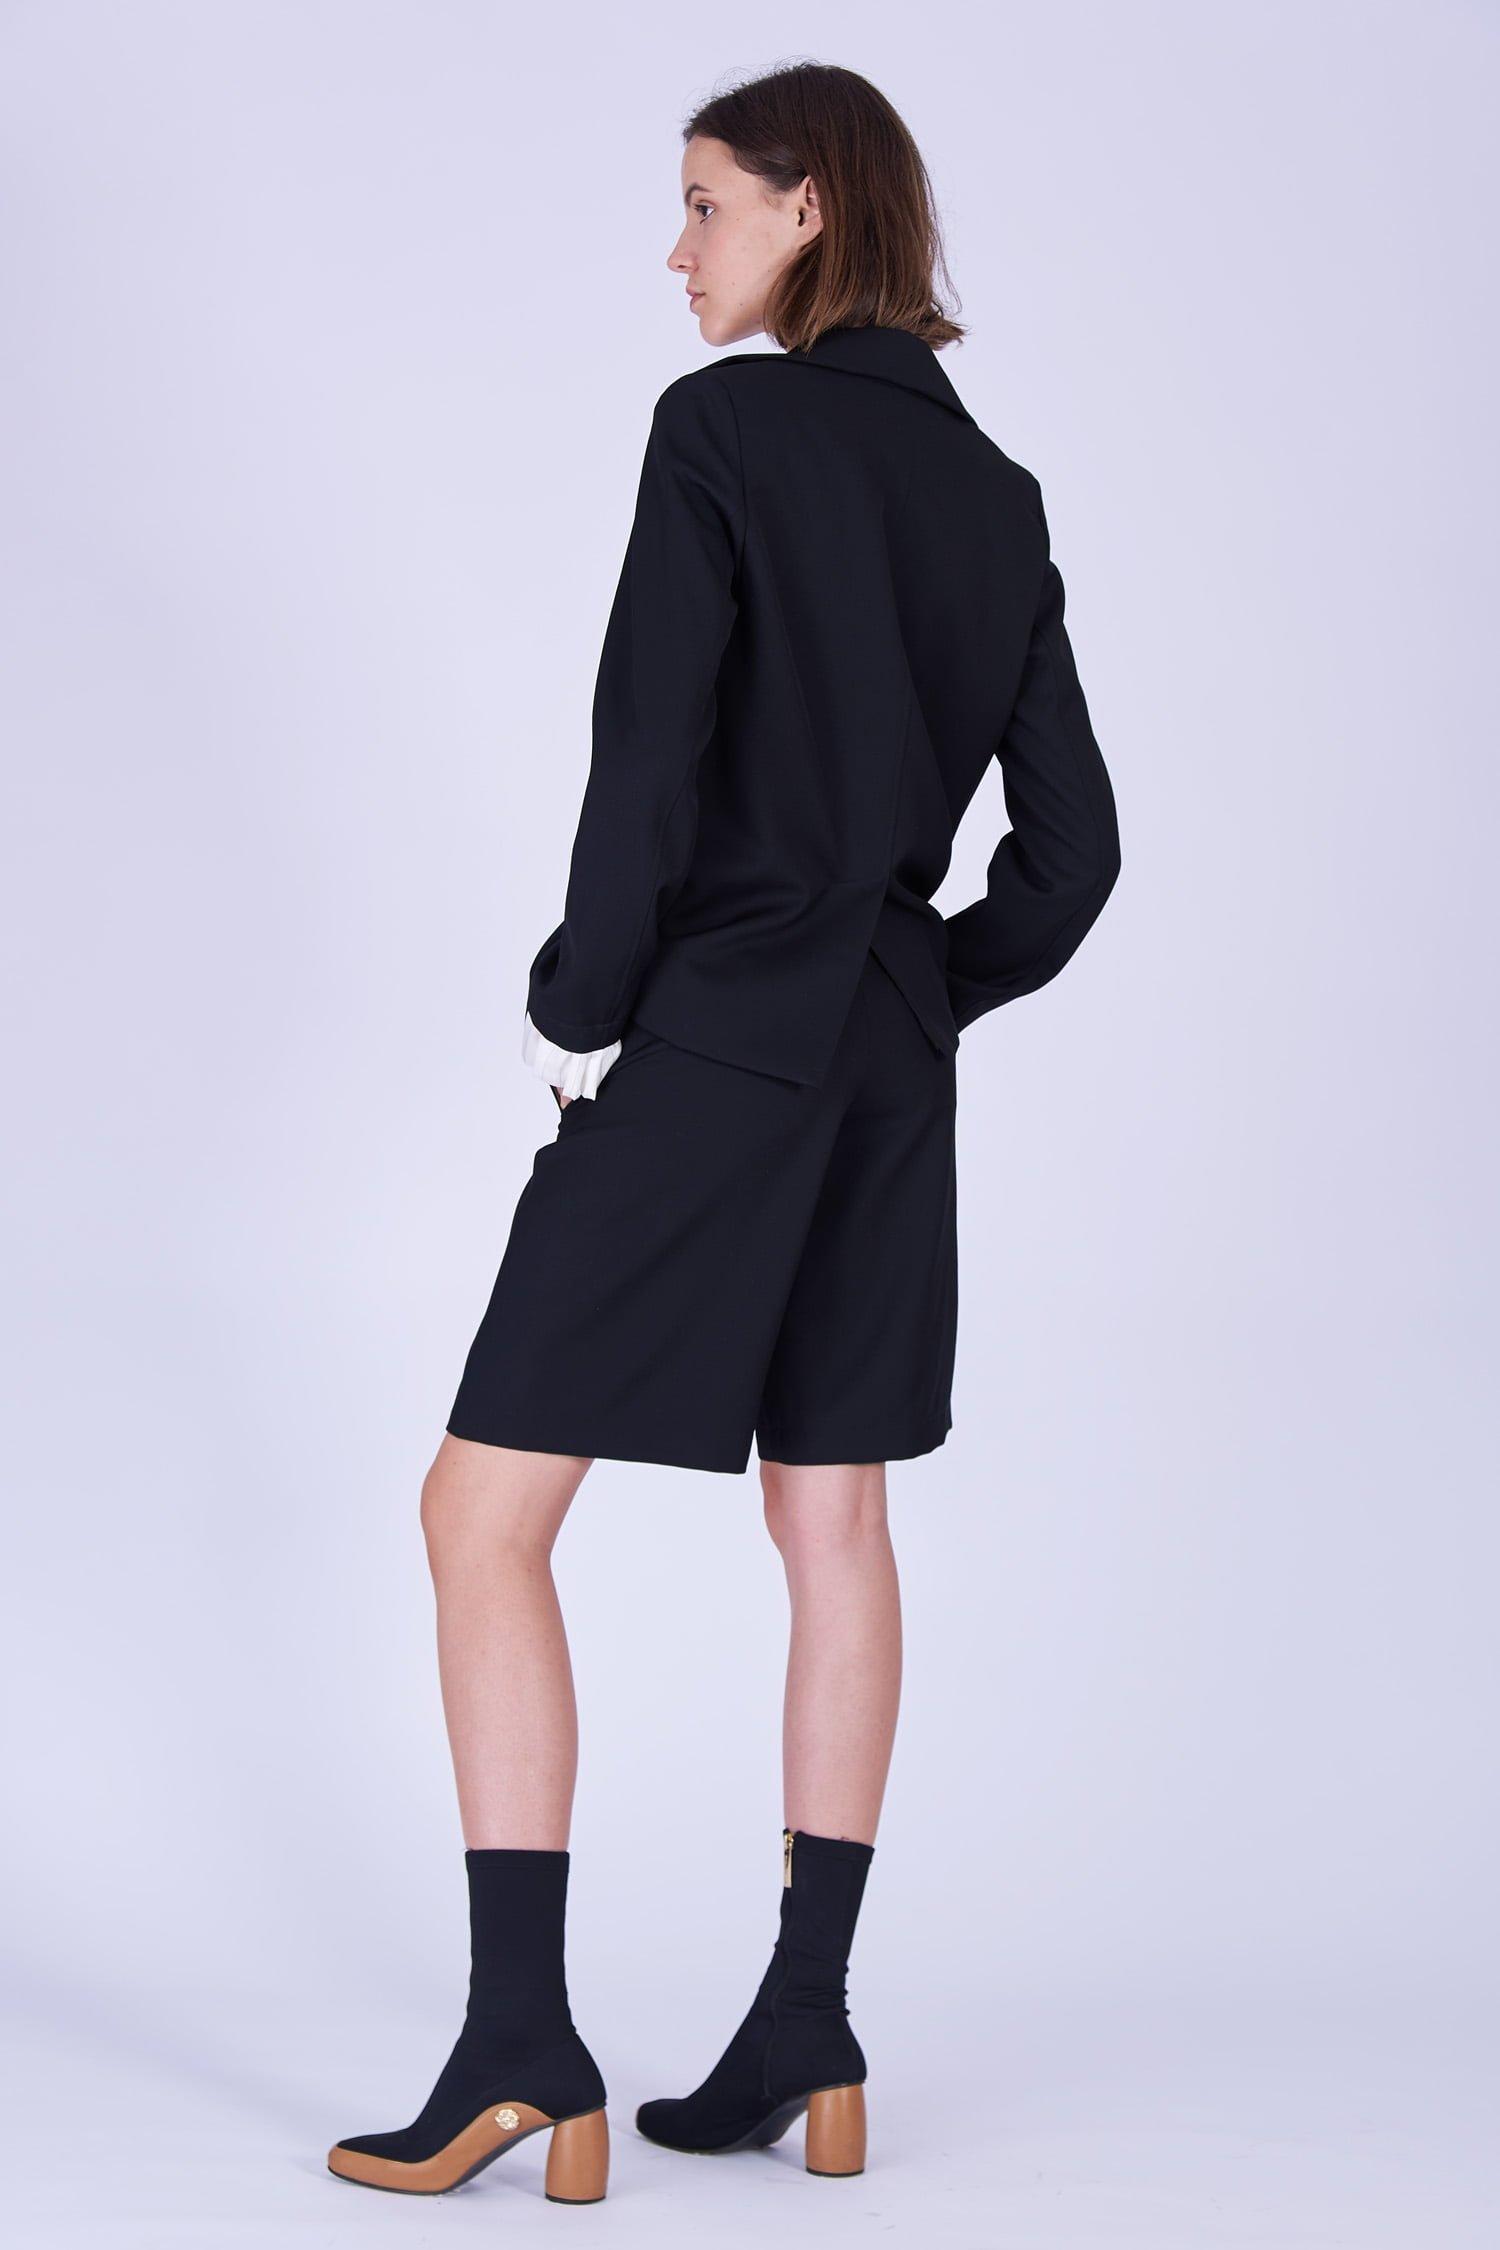 Acephala Fw19 20 Black Jacket Black Shorts Wool Czarna Kamizelka Czarne Szorty Welna Back 1